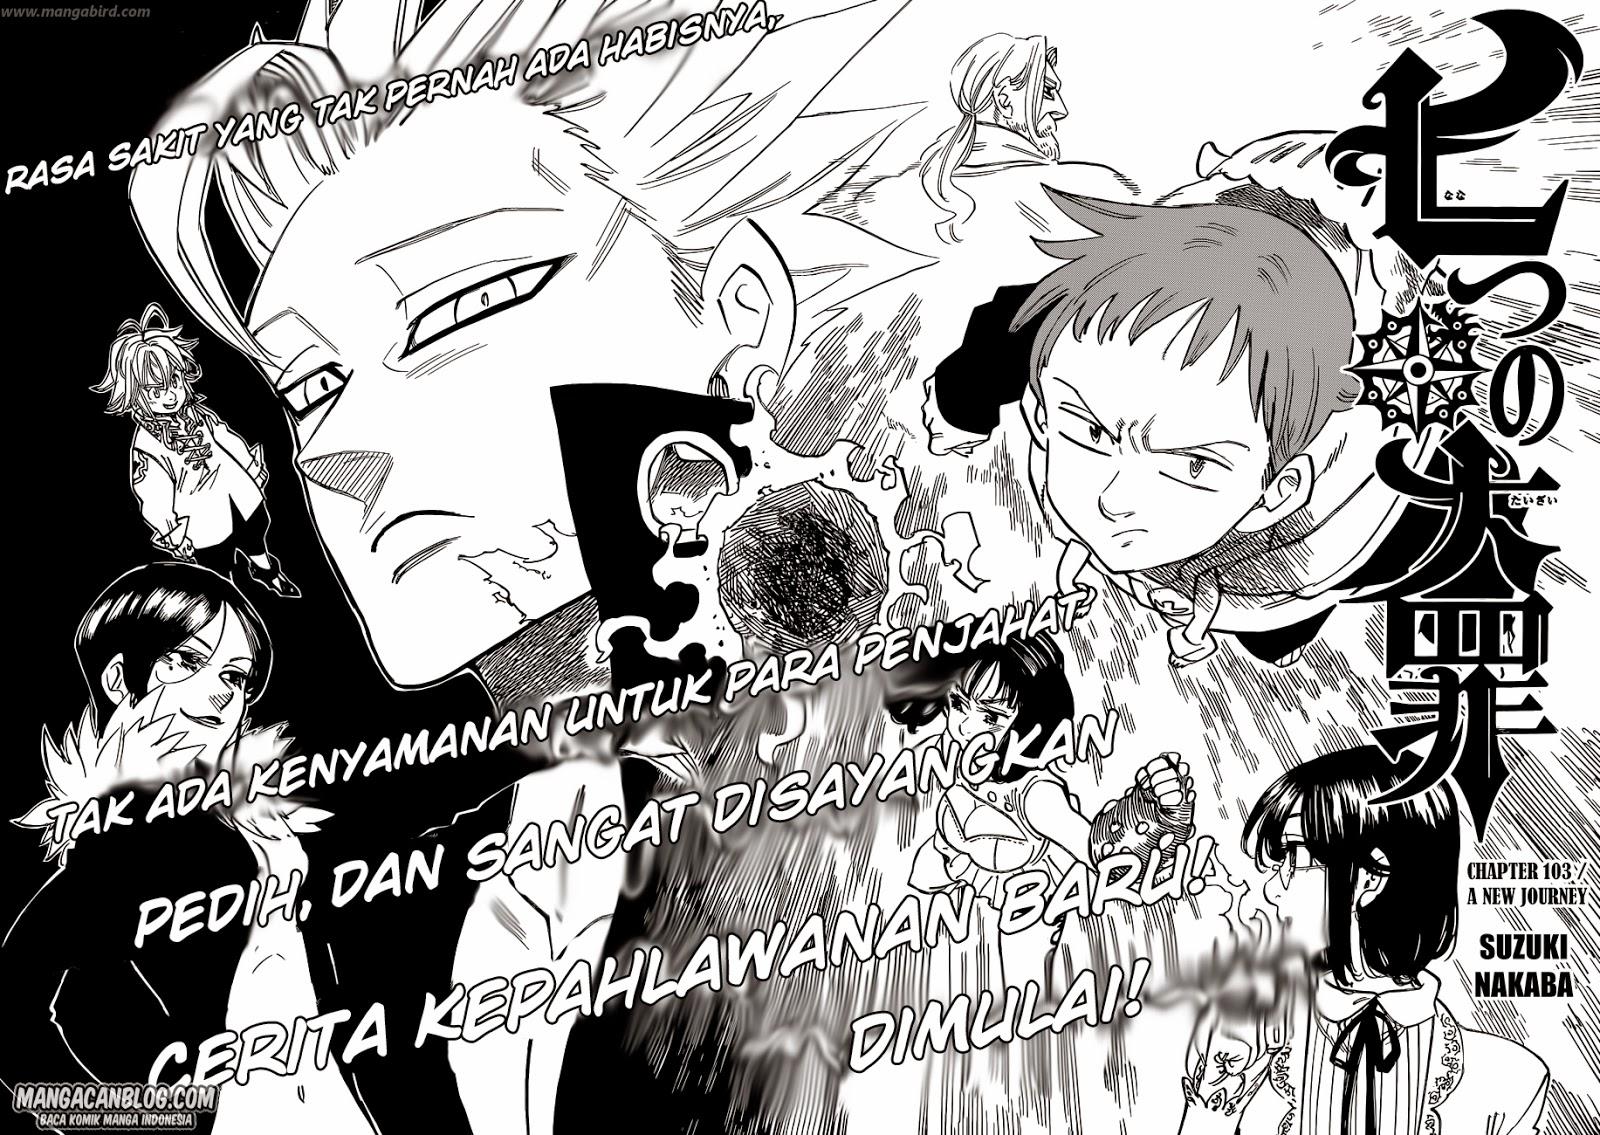 Komik nanatsu no taizai 103 - chapter 103 104 Indonesia nanatsu no taizai 103 - chapter 103 Terbaru 12 Baca Manga Komik Indonesia